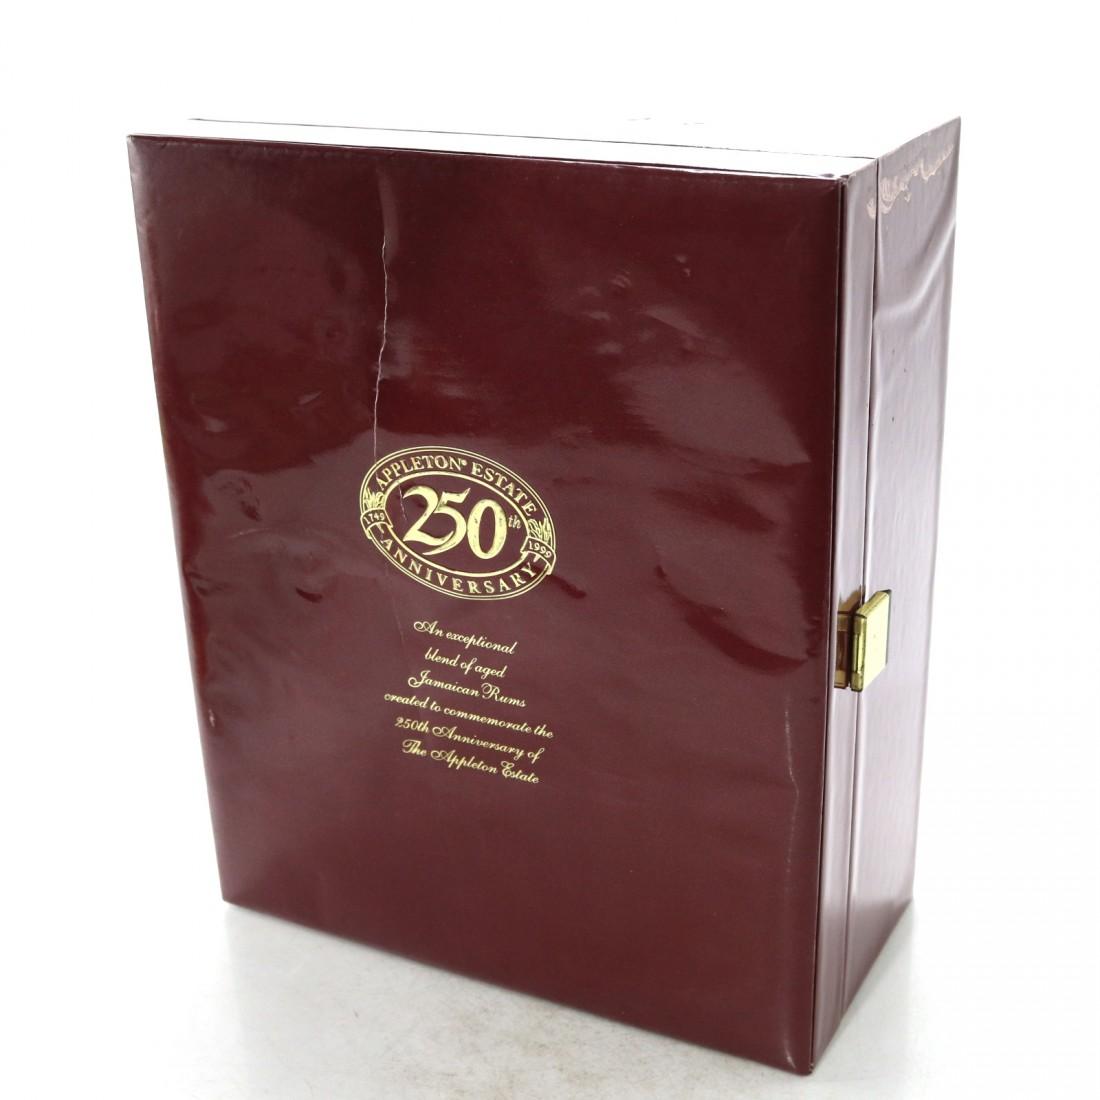 Appleton Estate 250th Anniversary Rum Decanter